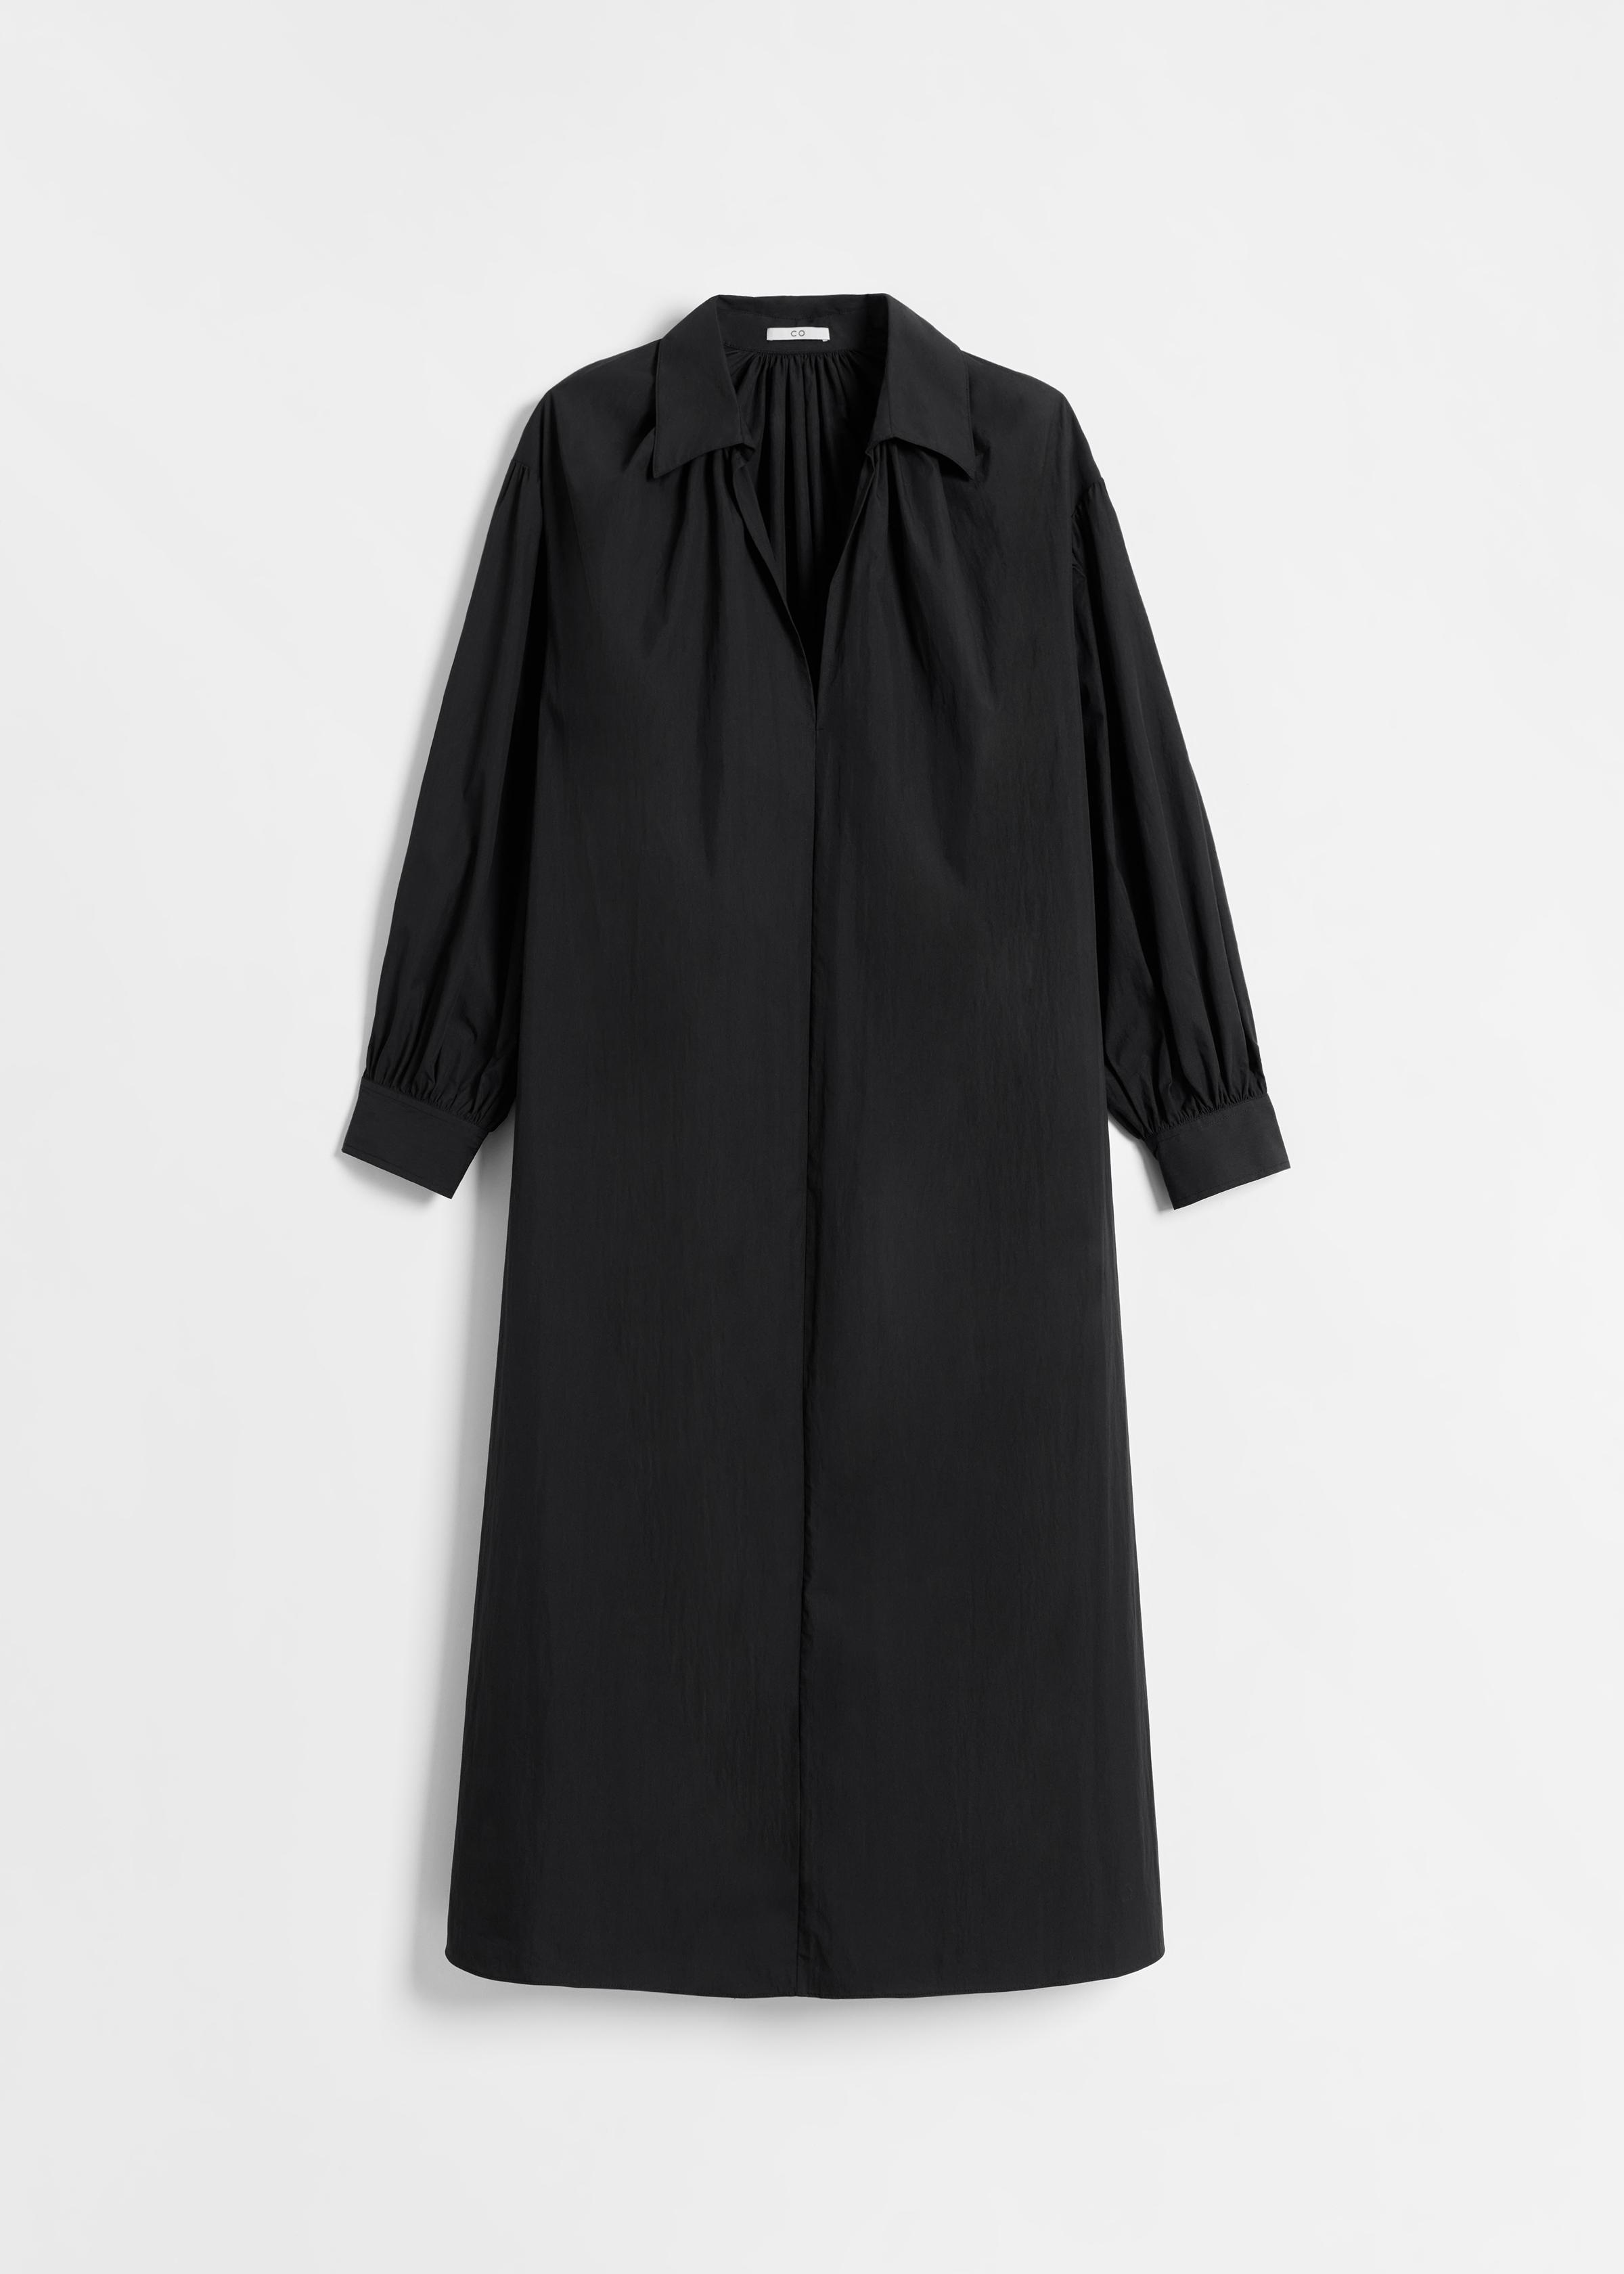 Long Sleeve V Neck Dress in Cotton - Black - by Zoe Gherter for Co